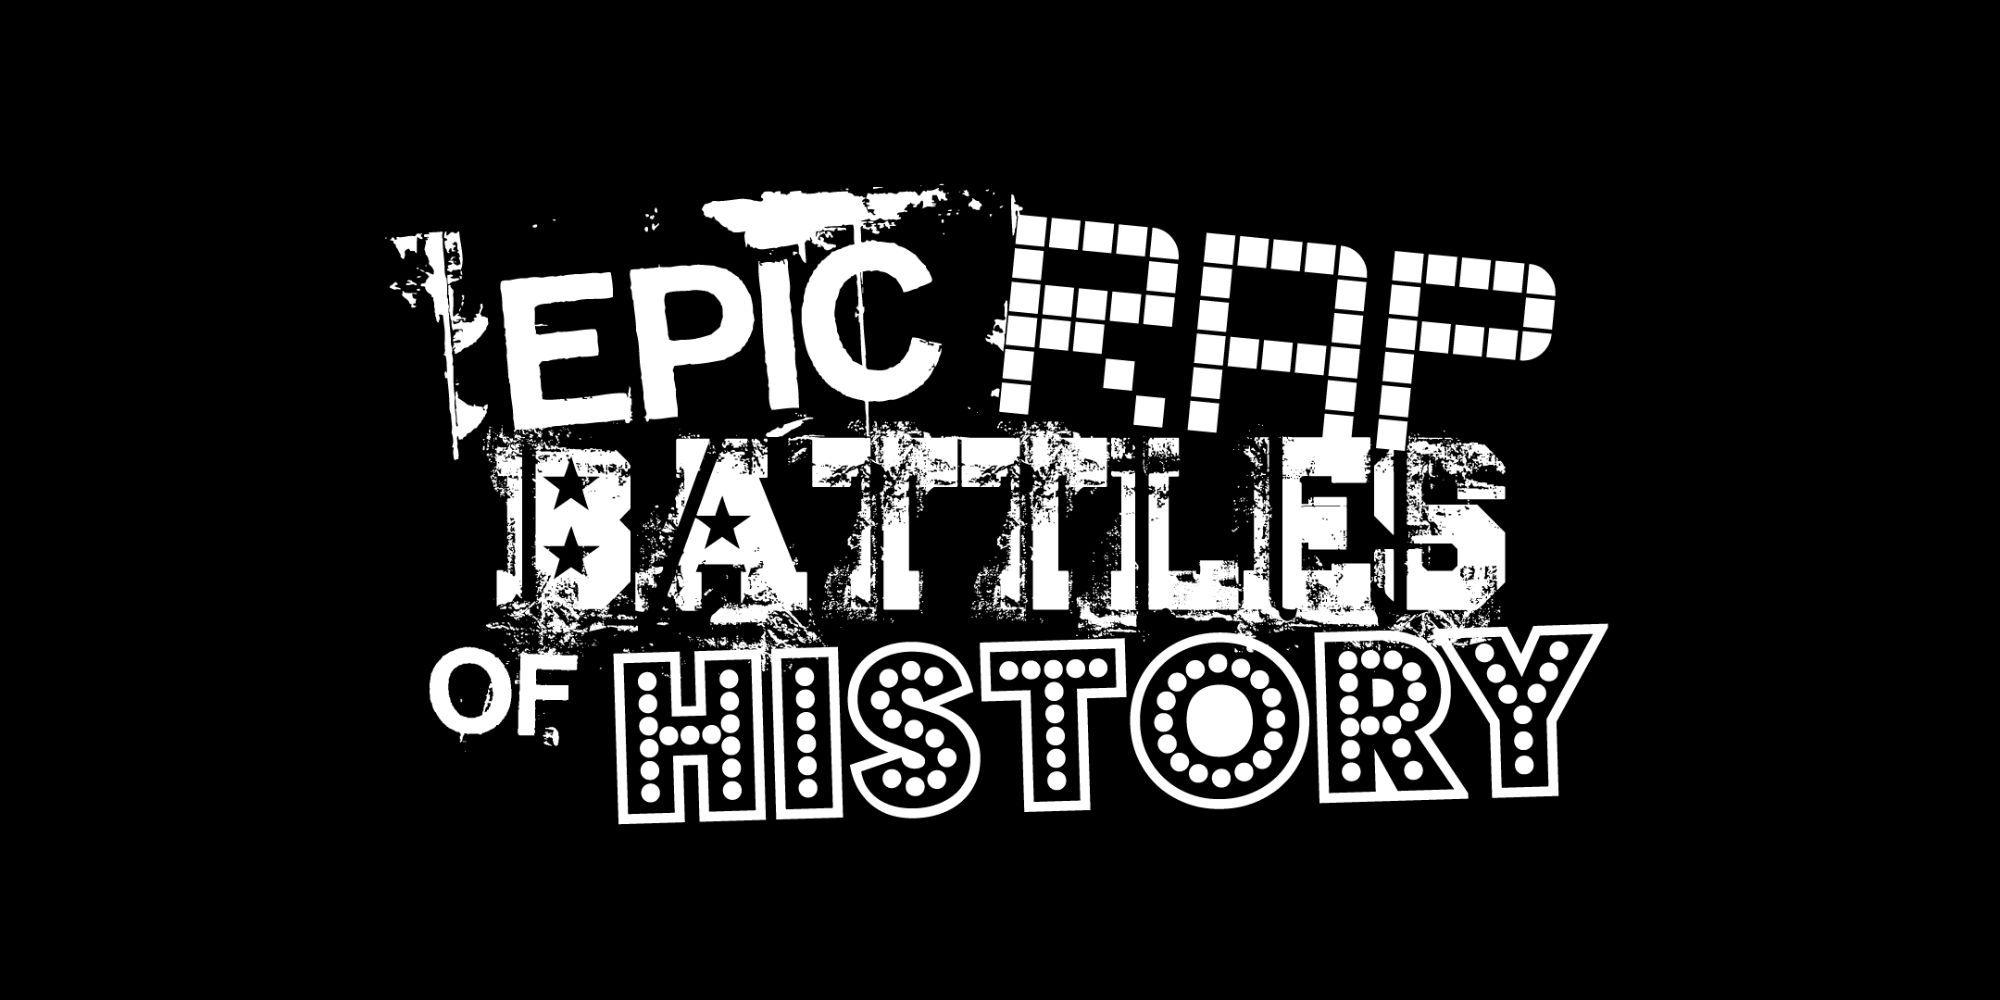 Epic Rap Battles of History Returns For Musk vs. Zuckerberg